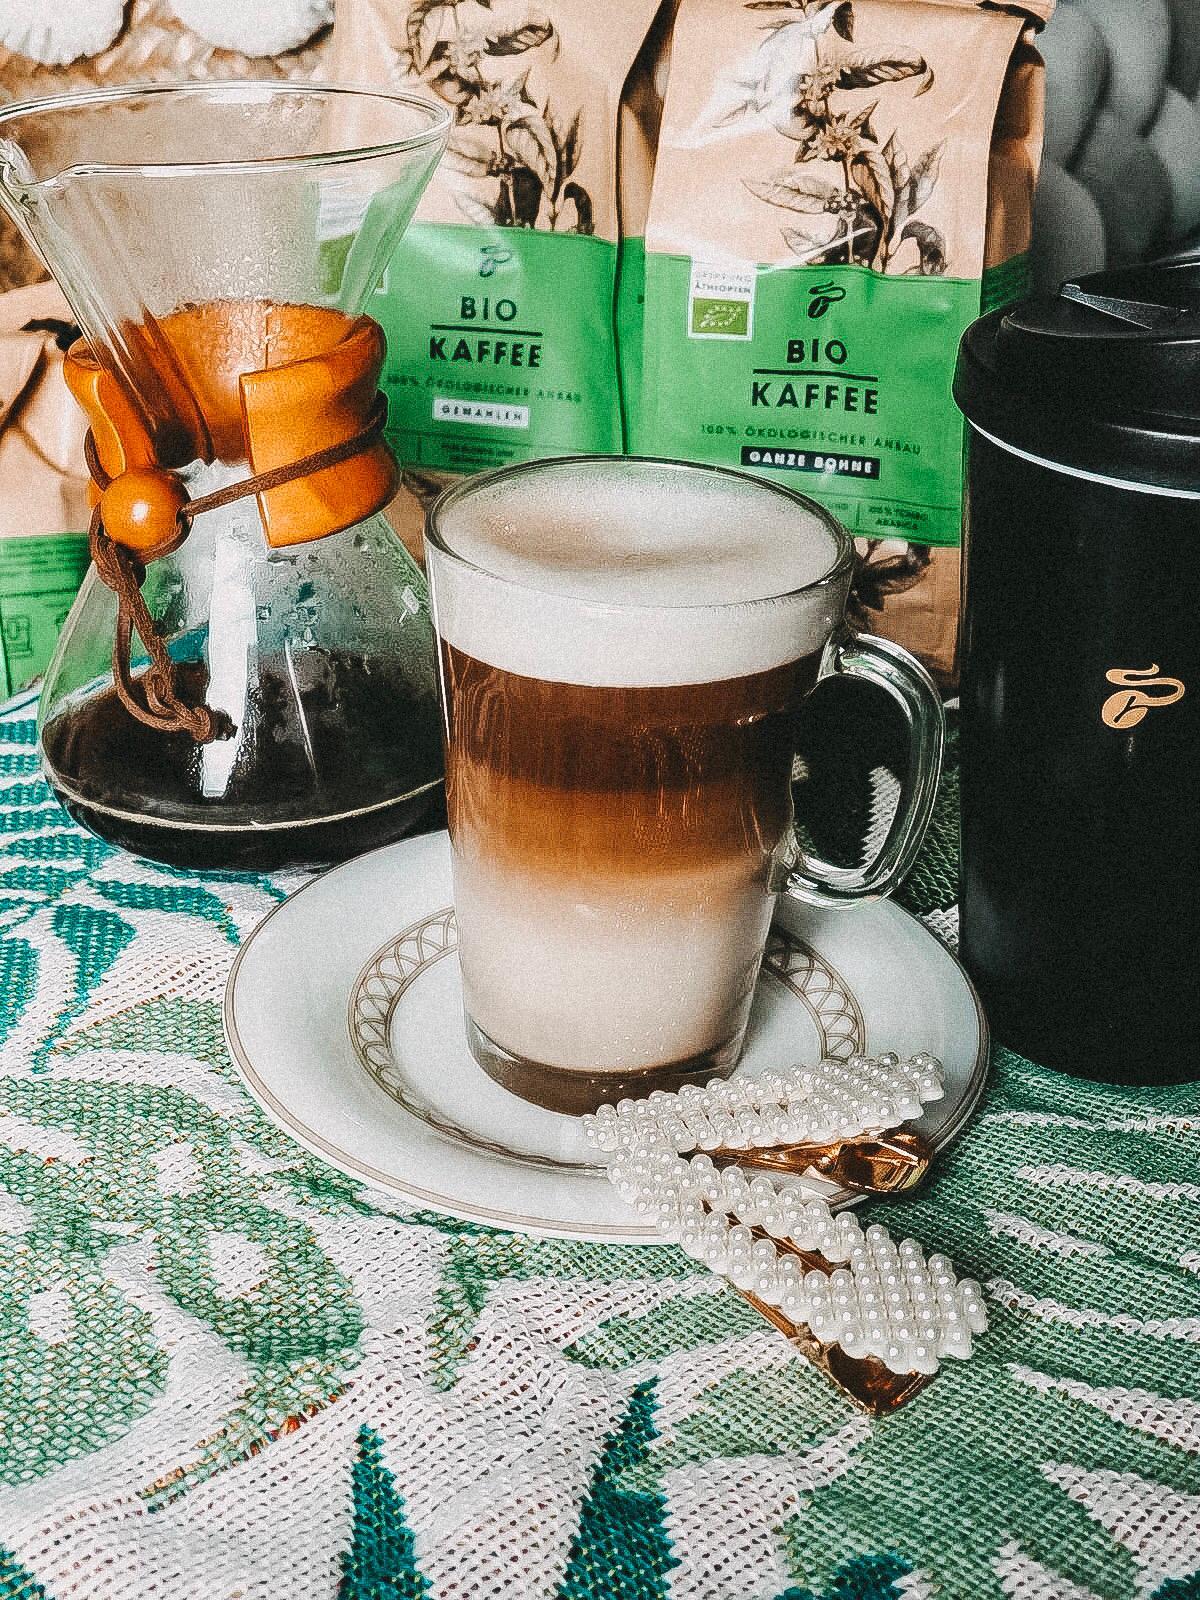 Der Bio Kaffee von Tchibo schmeckt spitze .